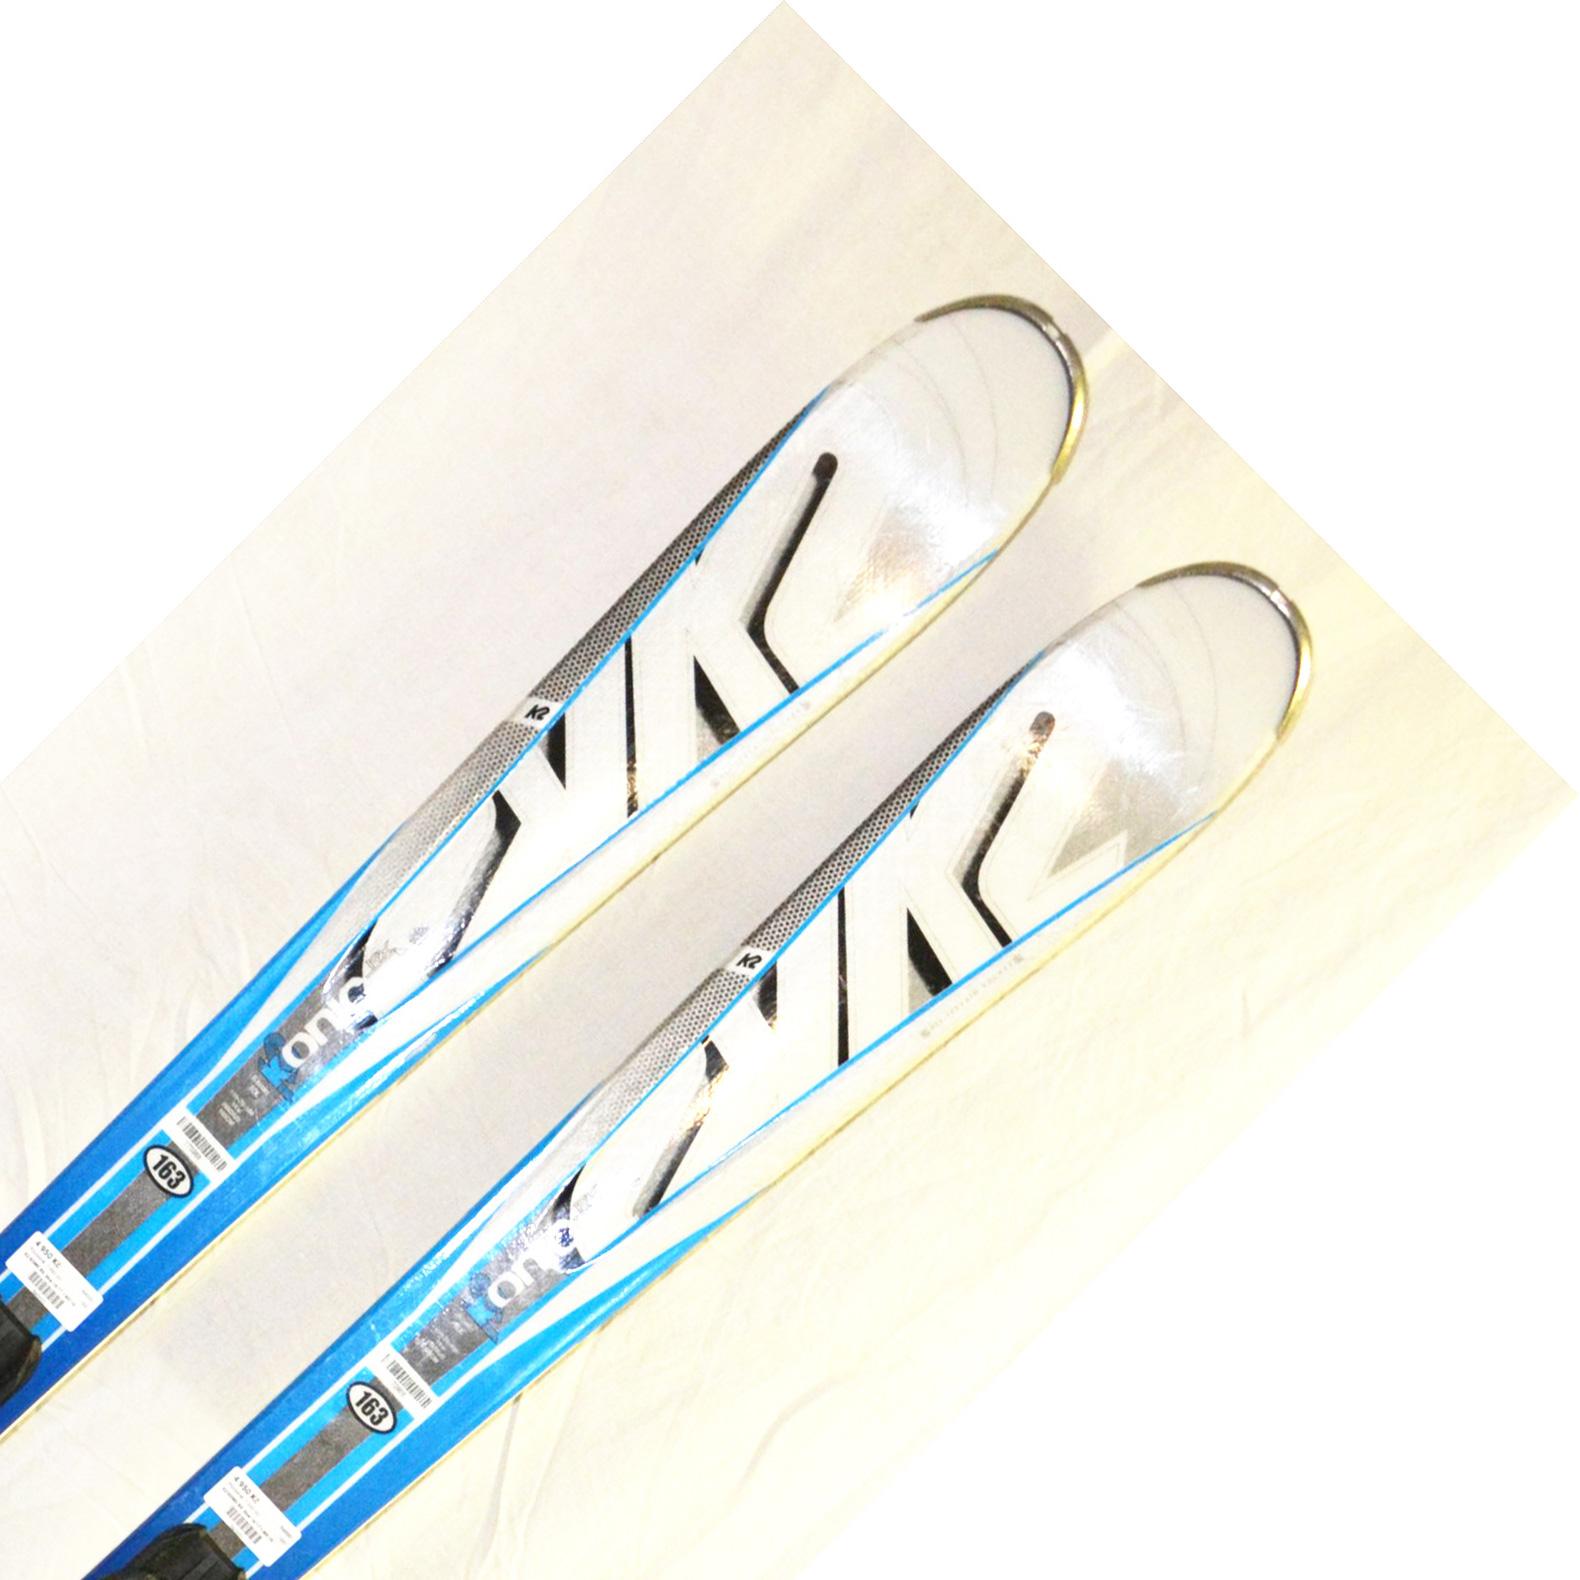 Bazar - Lyže K2 KONIC RX blue 16/17 + M3 10 - délka 163 163